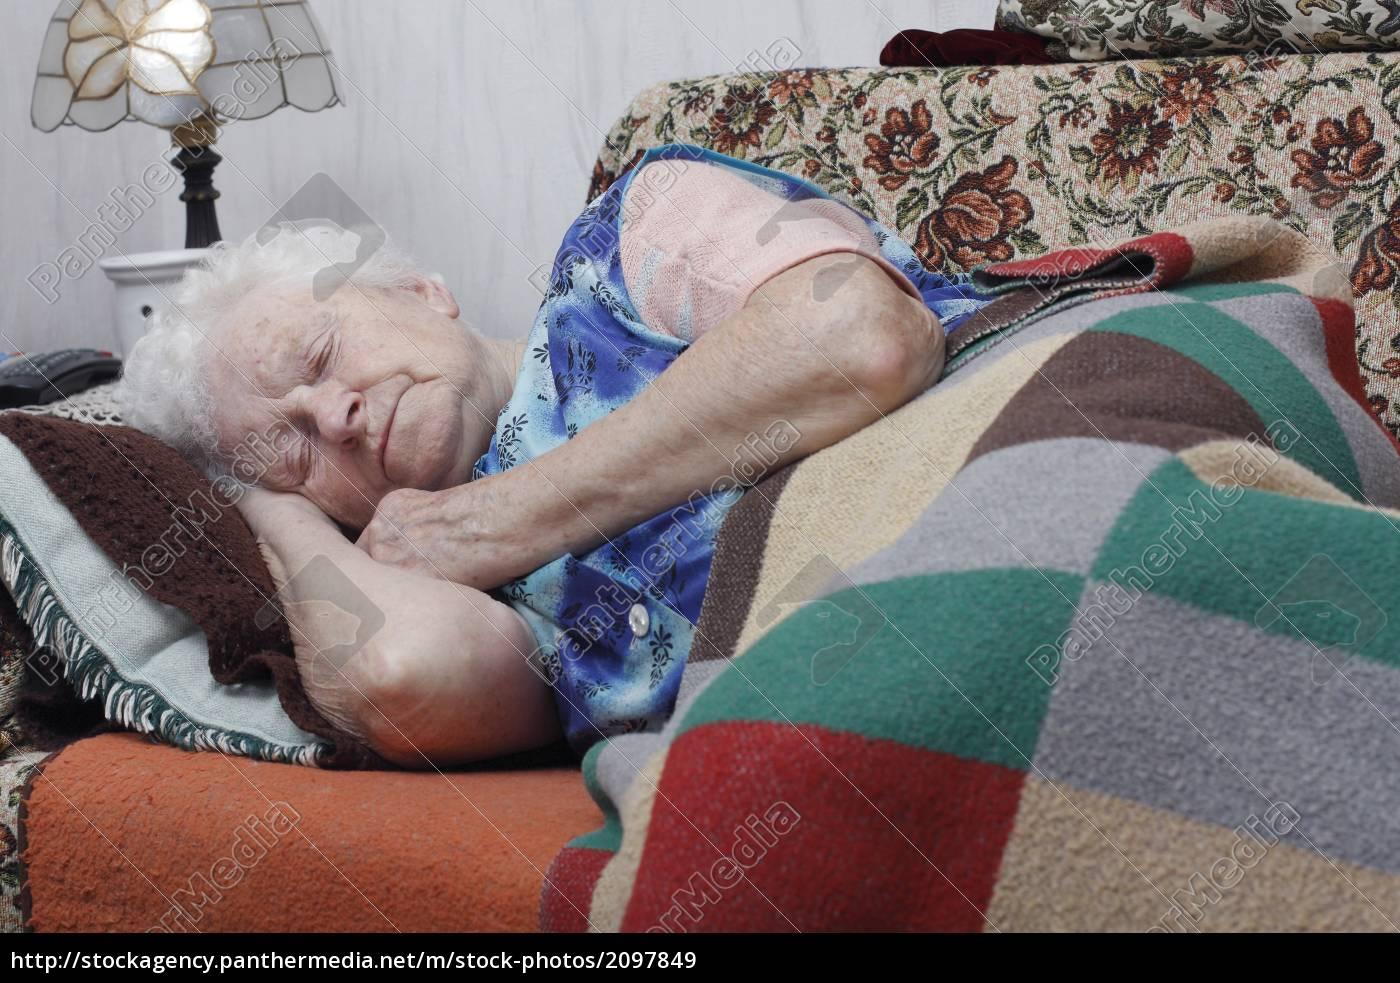 Сын подсматривал за спящей мамой смотреть бесплатно, Сын подглядел за тренировкой мамы и трахнул ее порно 10 фотография